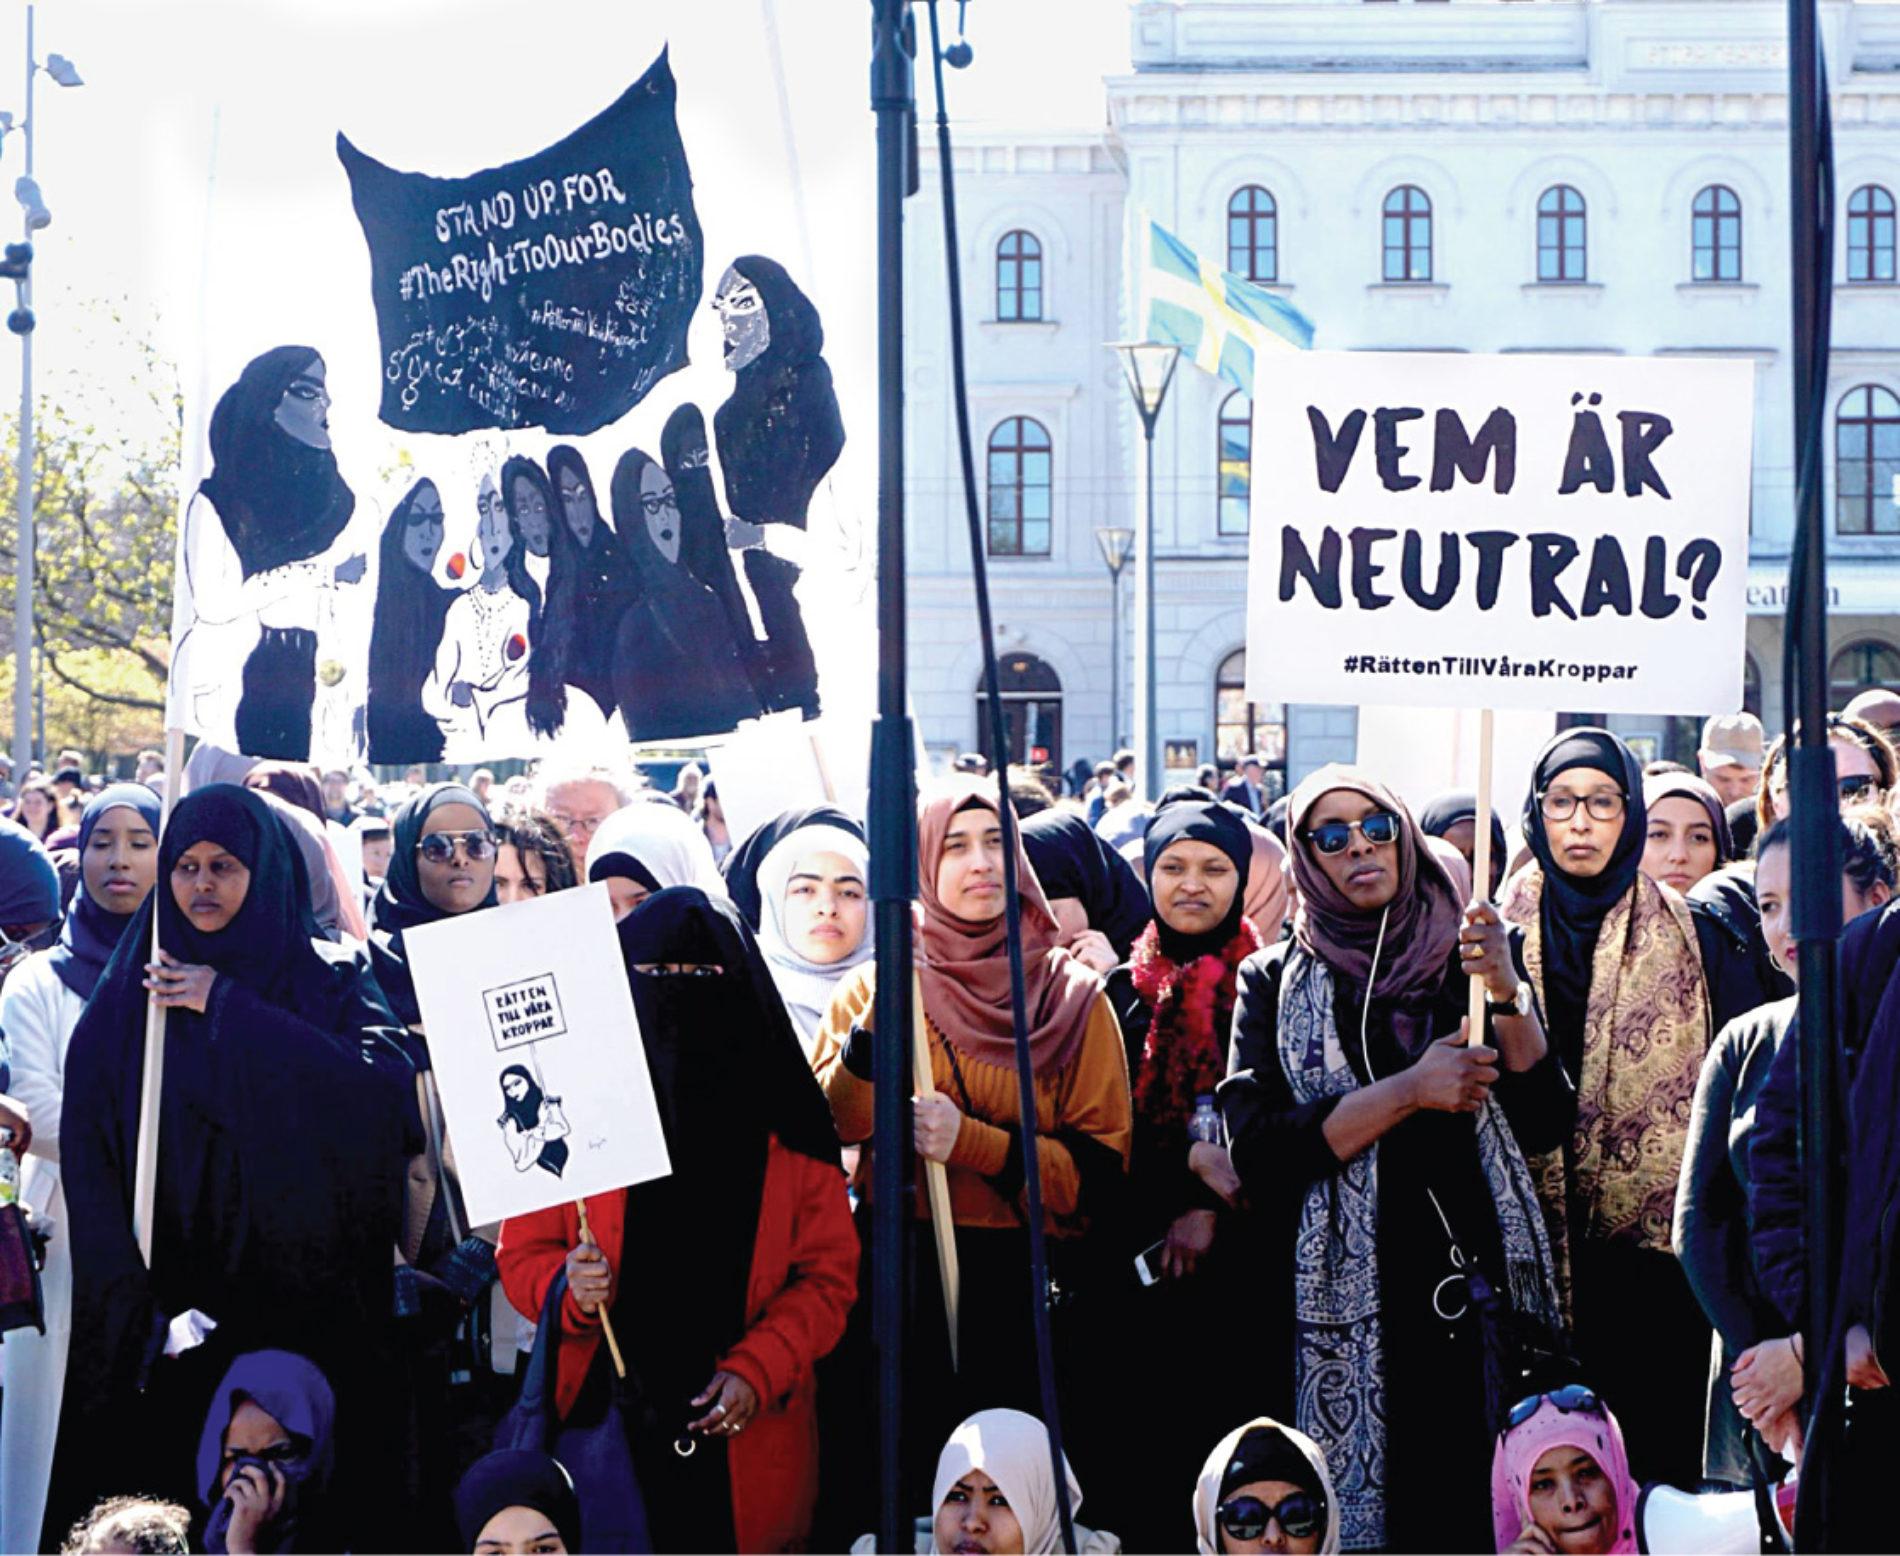 Stå upp för muslimska kvinnors rätt till arbete